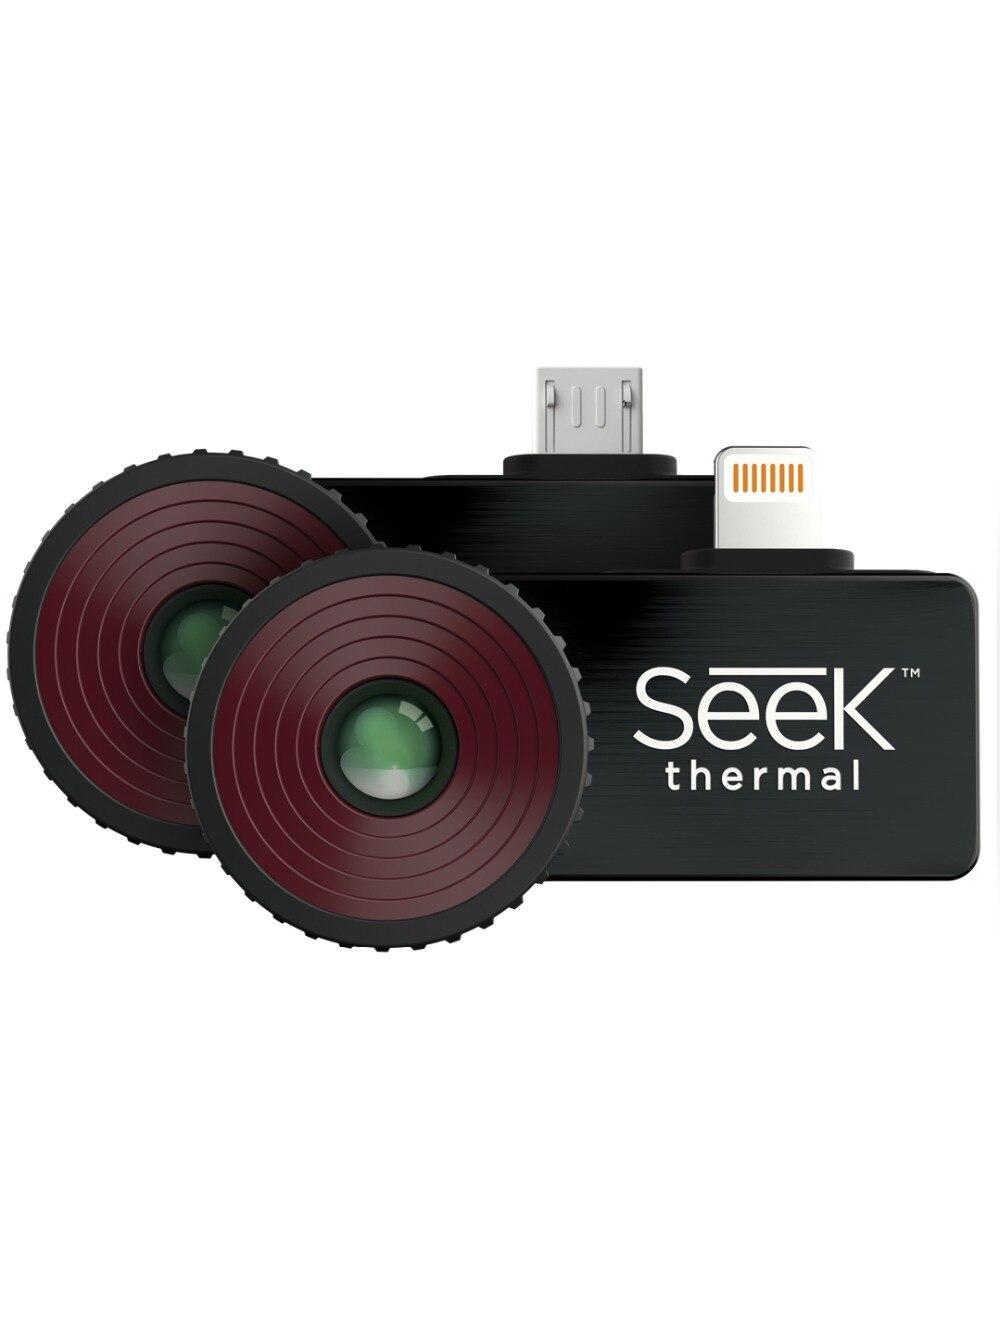 2018 vendite Calde Cercare Termocamera Compatto/Compact XR/Compact PRO di Imaging a raggi infrarossi di visione notturna Macchina Fotografica Android e IOS Versione